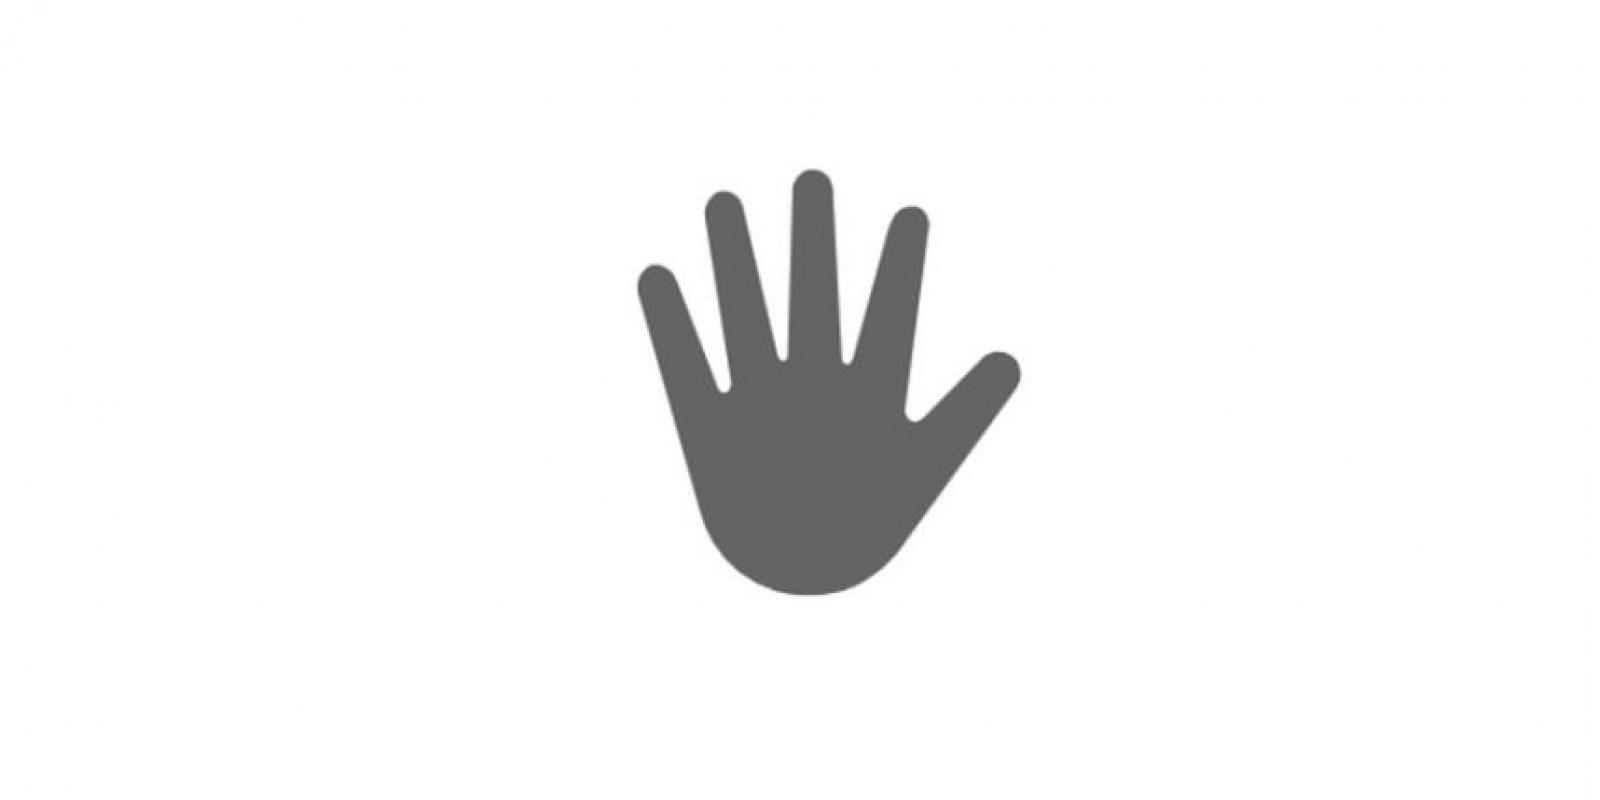 Al igual que el saludo normal Foto:Emojipedia